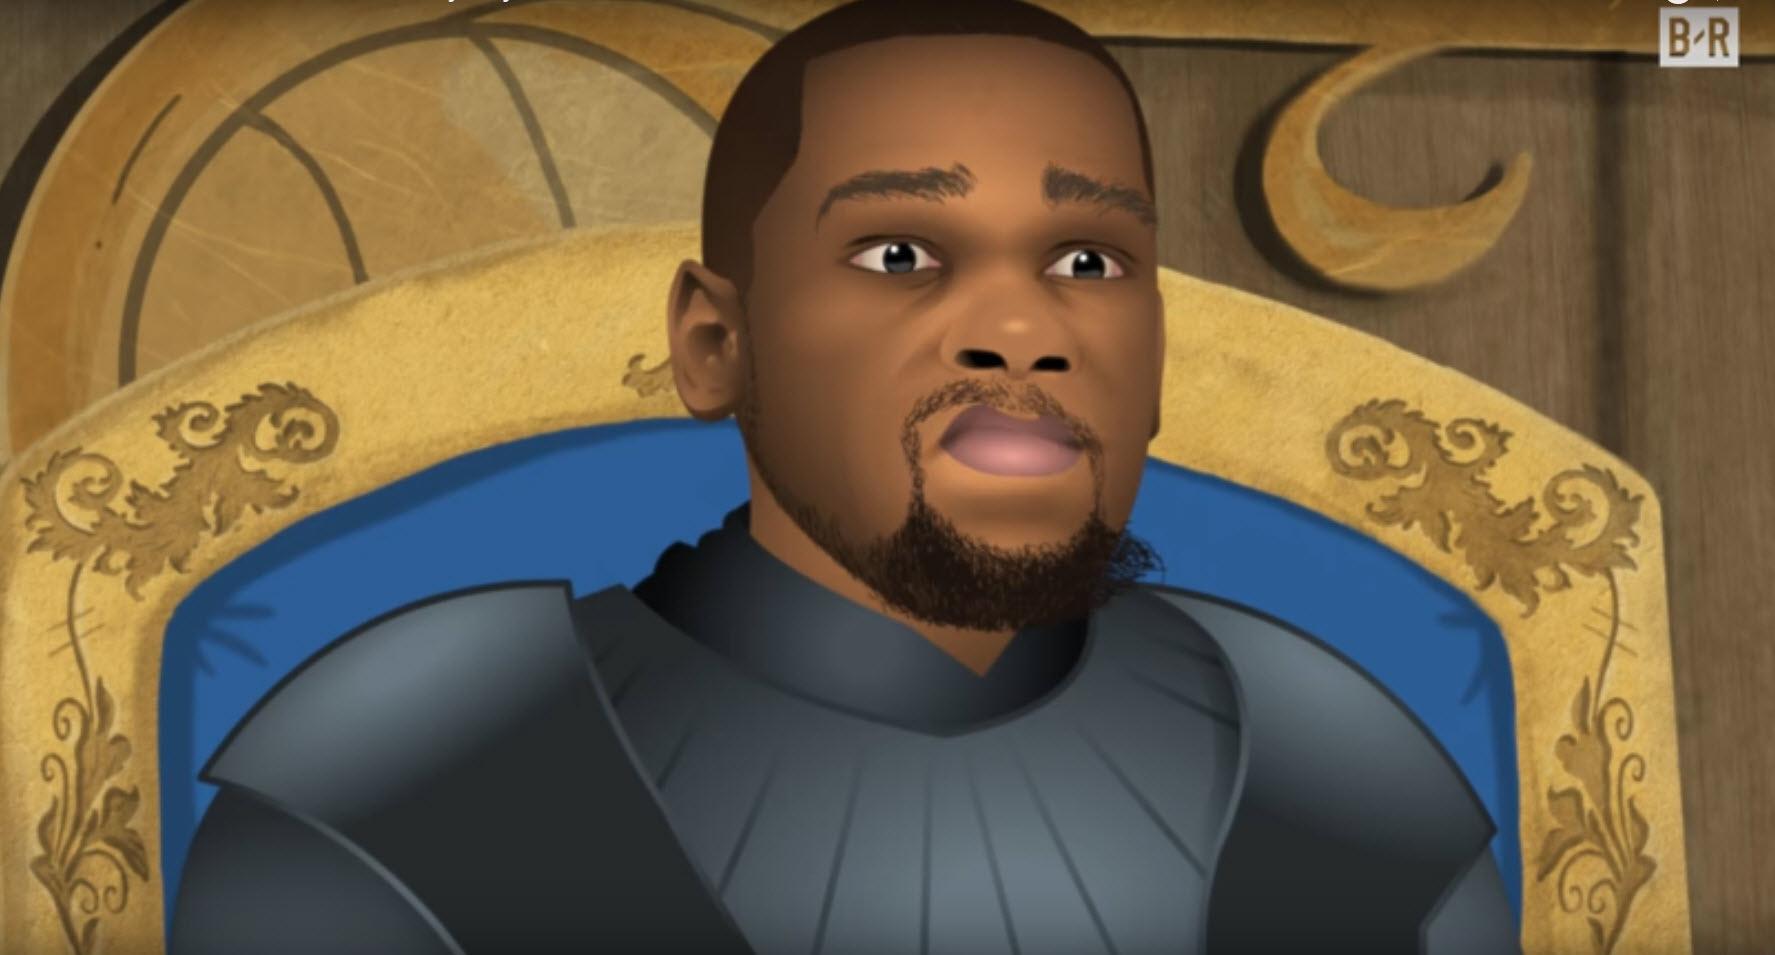 Game of Zones : Un nouvel épisode génial sur KD est sorti